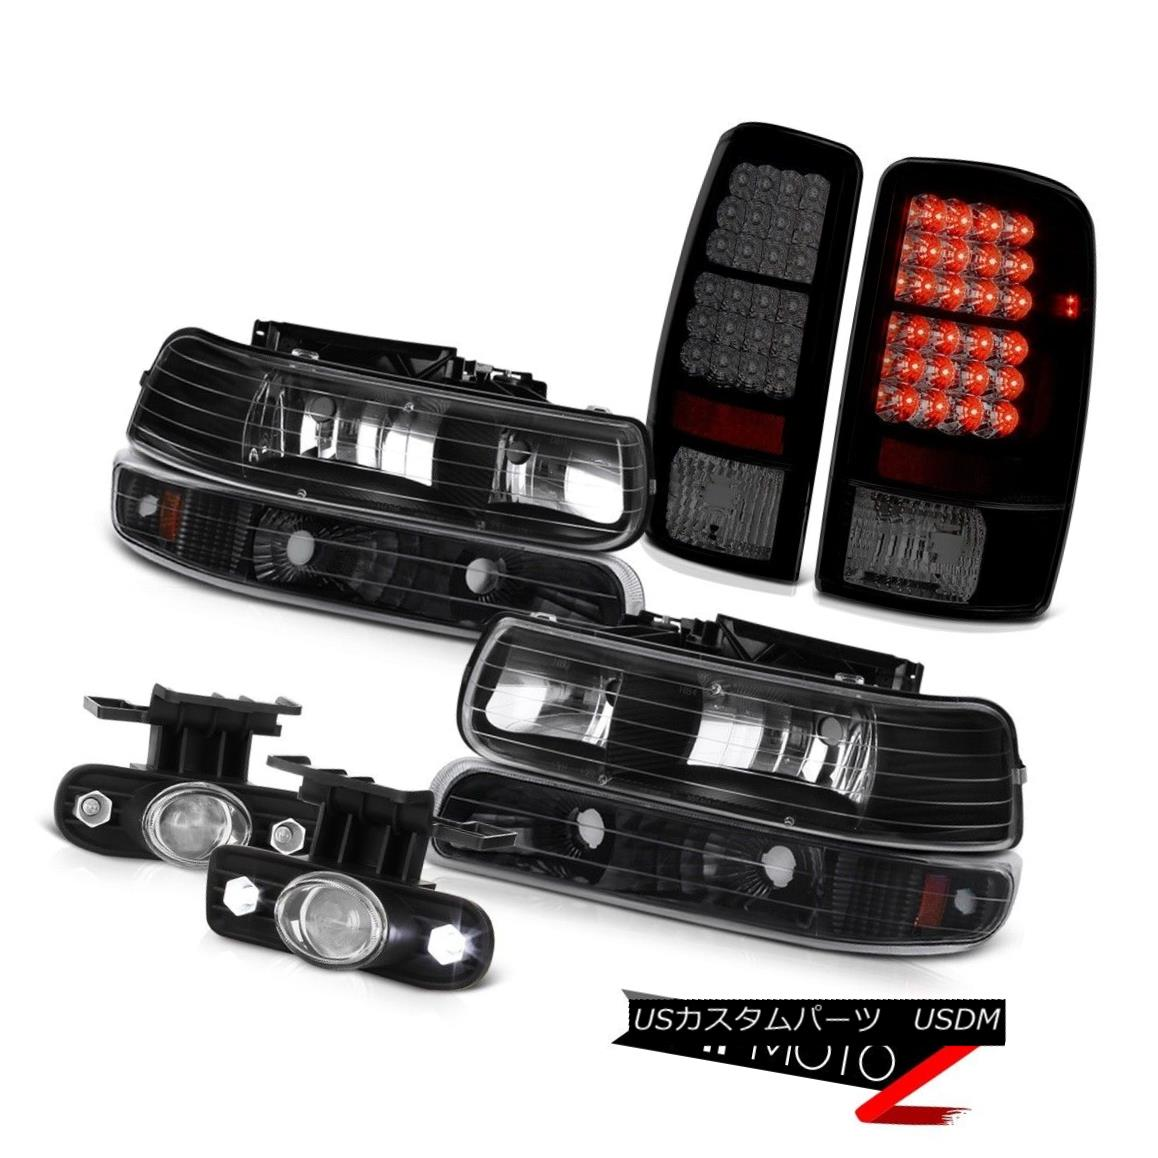 ヘッドライト 00 01 02 03 04 05 06 Tahoe LT Headlight Sinister Taillights Projector Chrome Fog 00 01 02 03 04 05 06 Tahoe LTヘッドライト・シニスター・テイルライト・プロジェクターChrome Fog